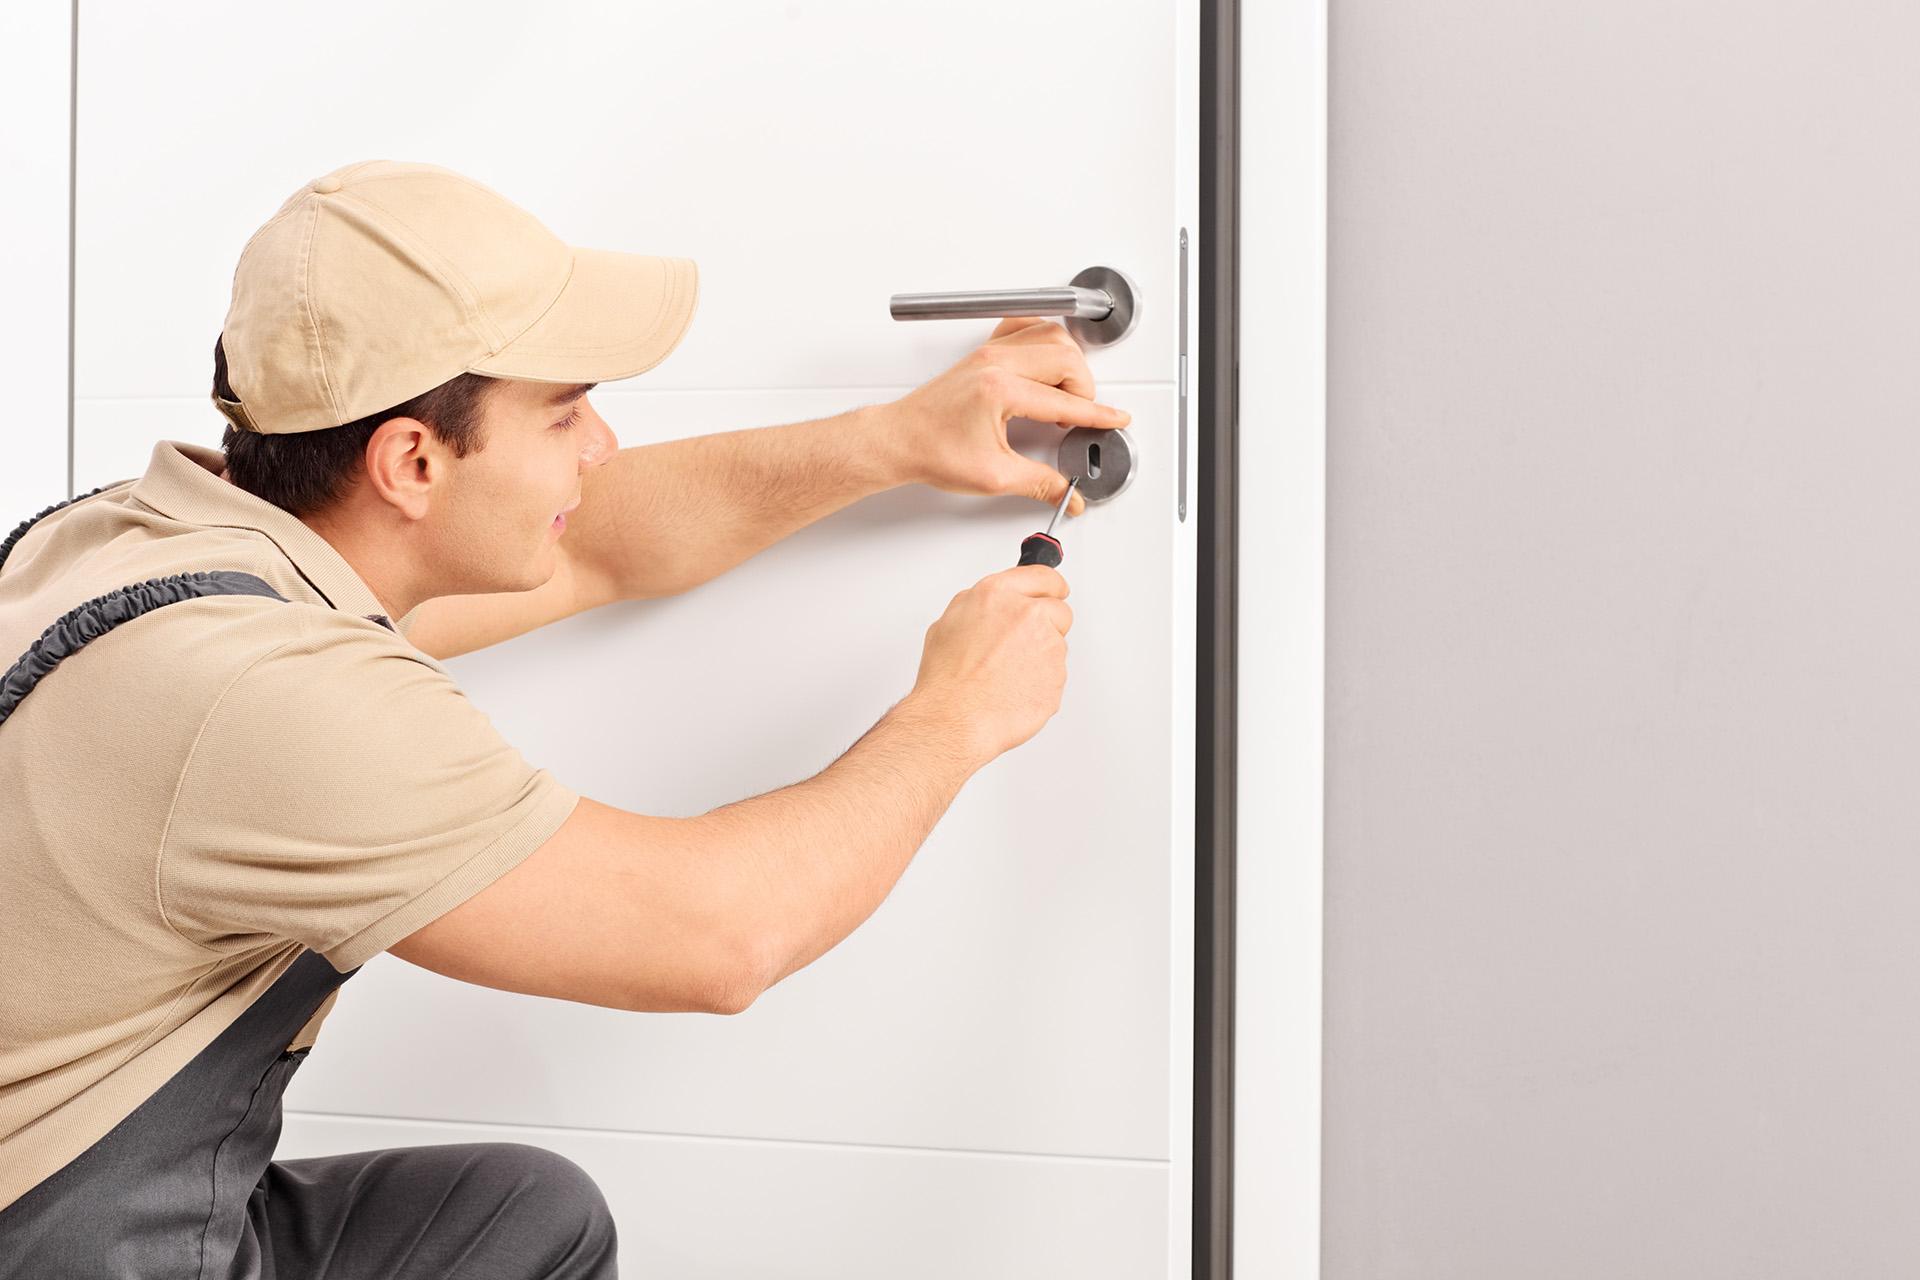 Otevírání domů a bytů bez poškození - Nonstop zámečnická pohotovost